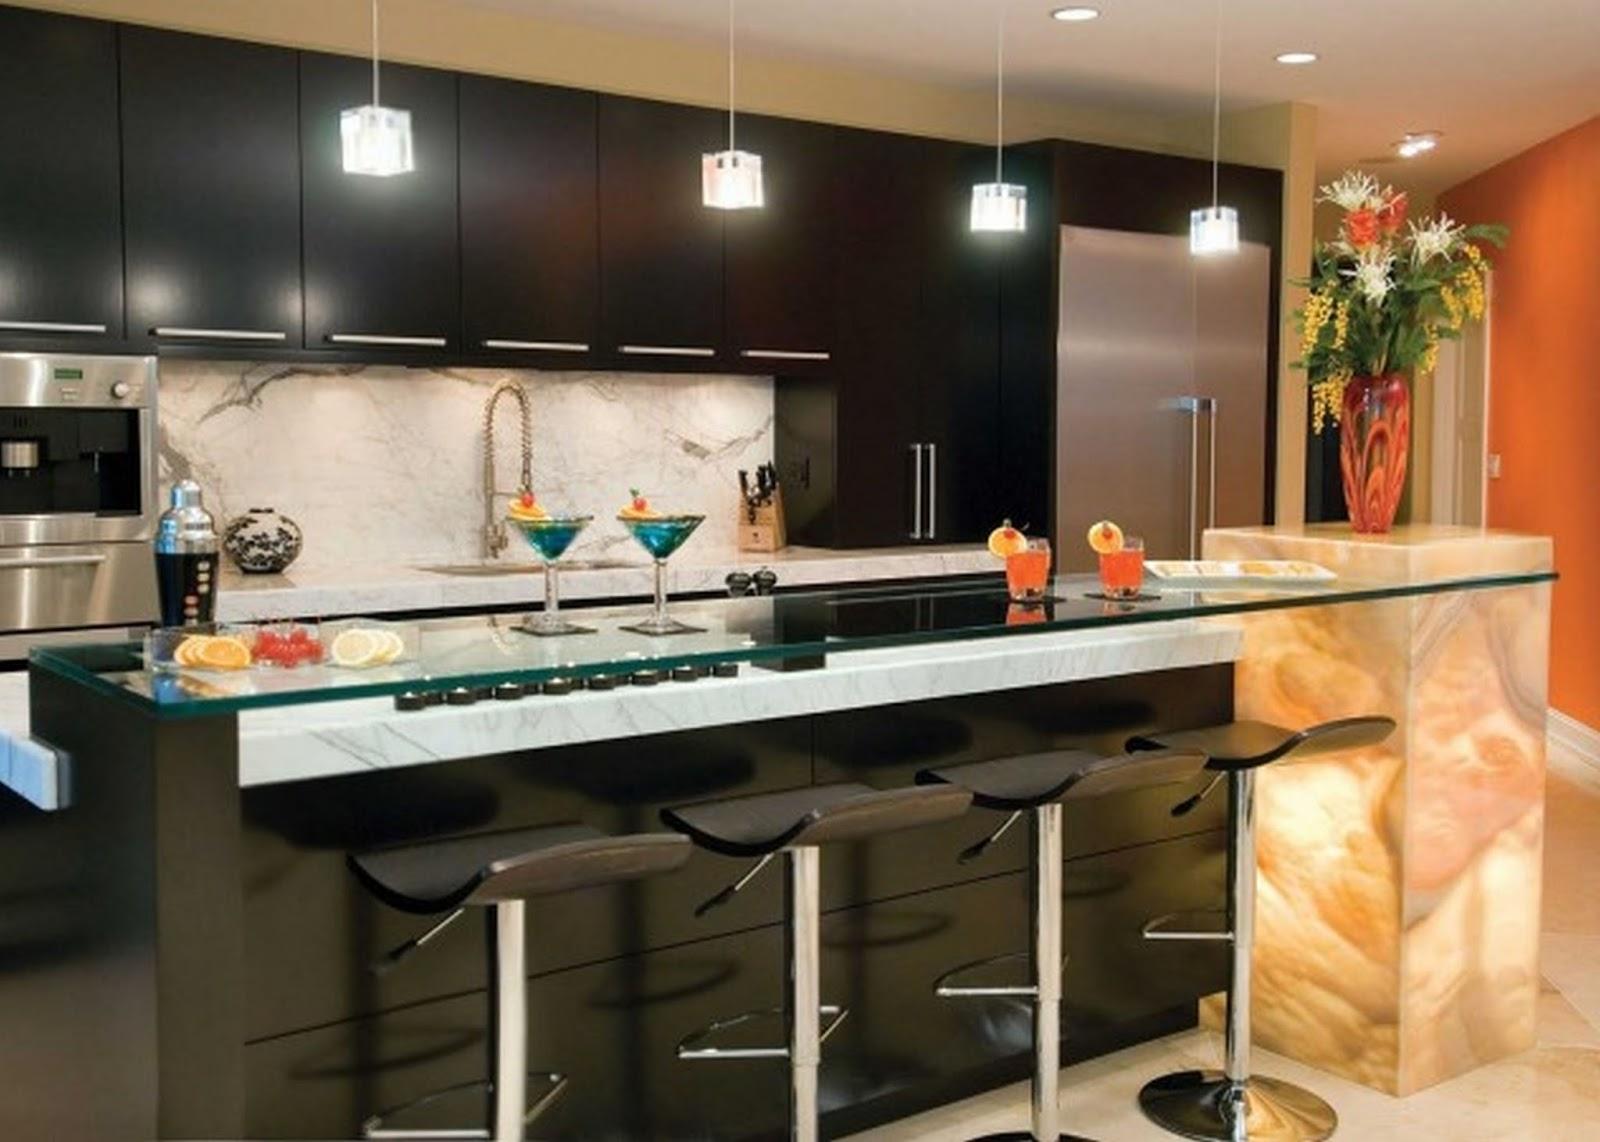 Cheap chic decor kitchen decor tip for Cheap kitchen decor